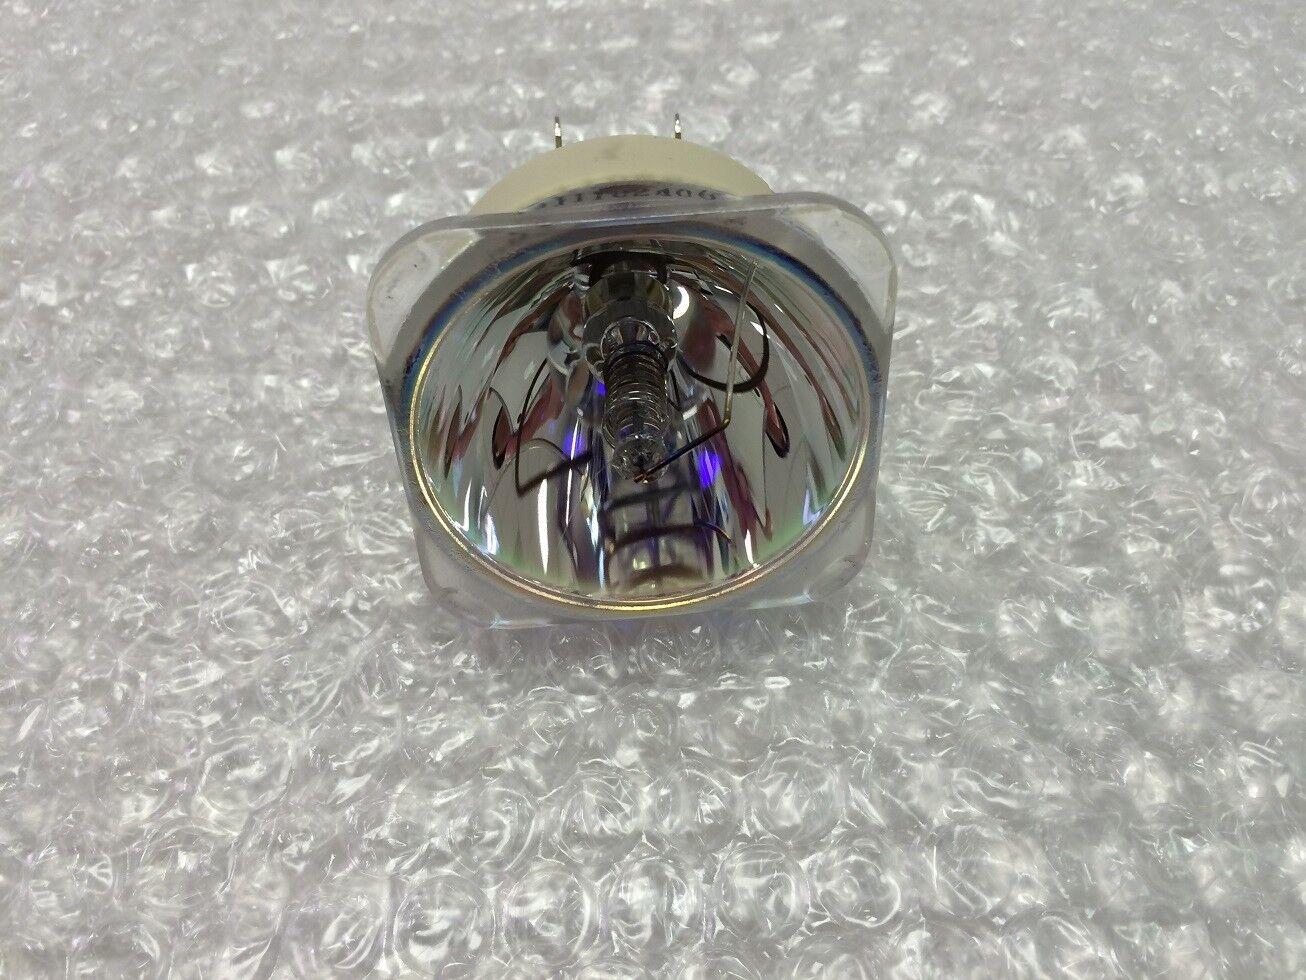 OEM LAMP BULB FOR OPTOMA X600 BR541 DAXLZZ BL-FU310B EH500 BR561 DH1014 DAEHUZZ